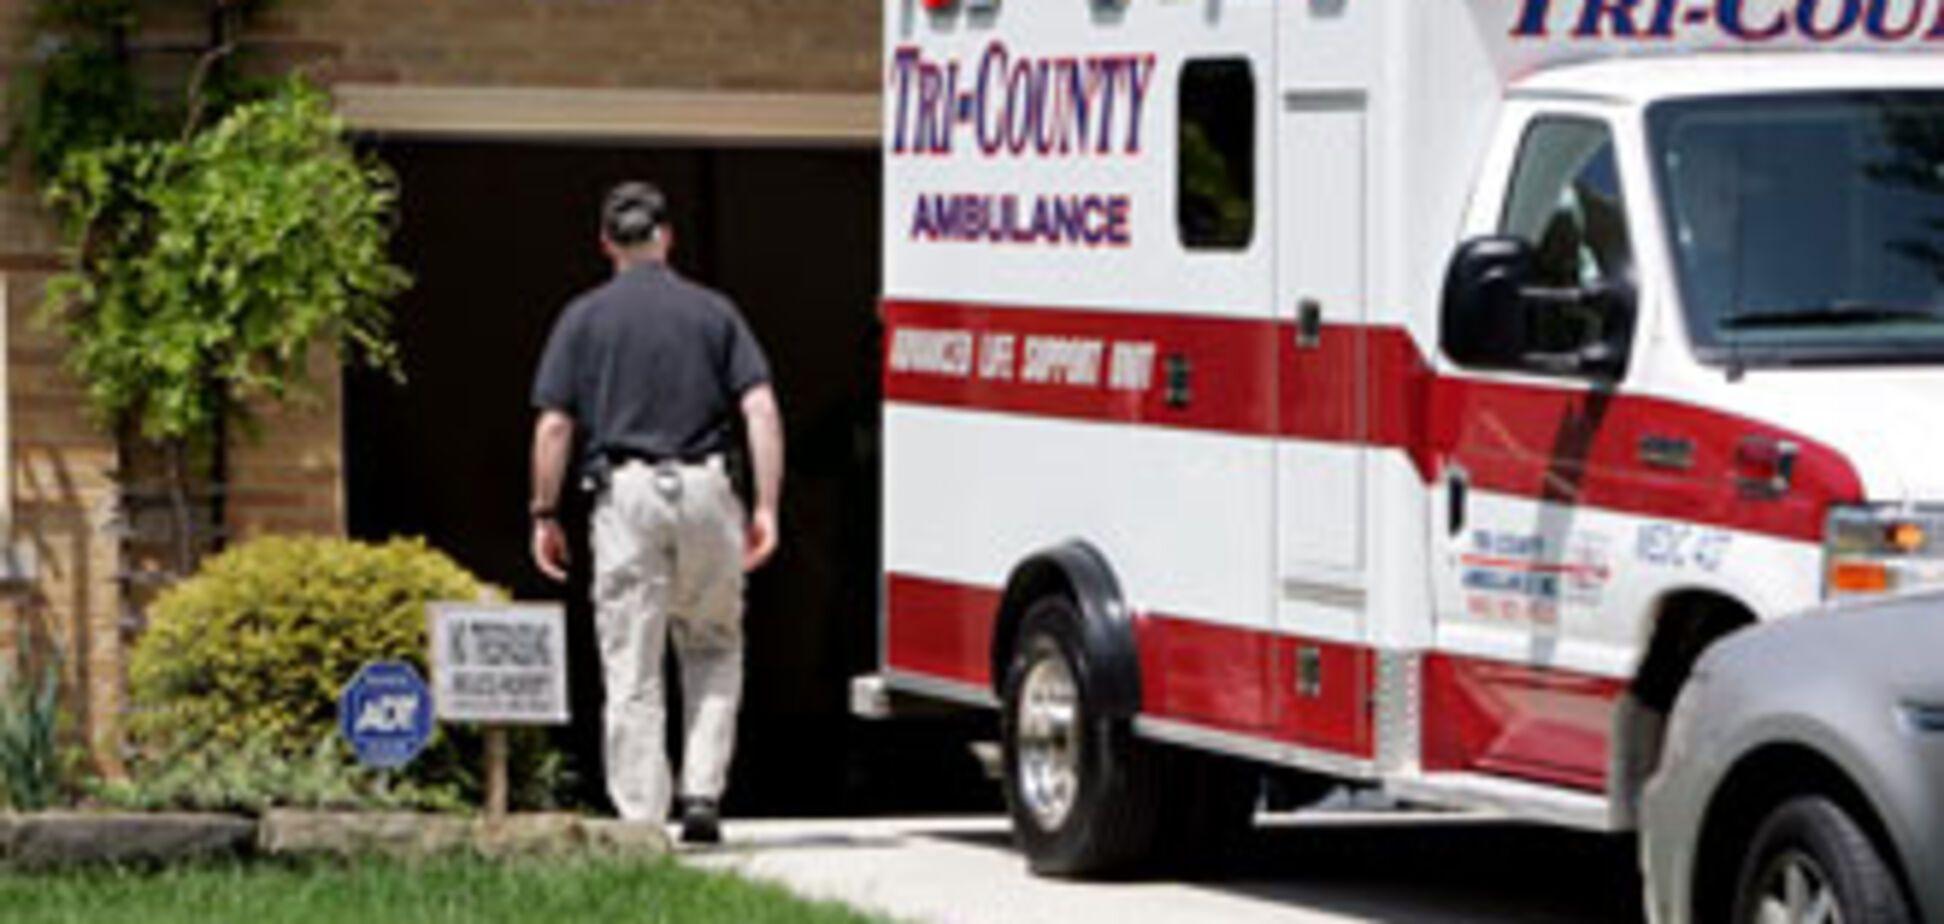 Хворого пенсіонера забули в машині швидкої допомоги